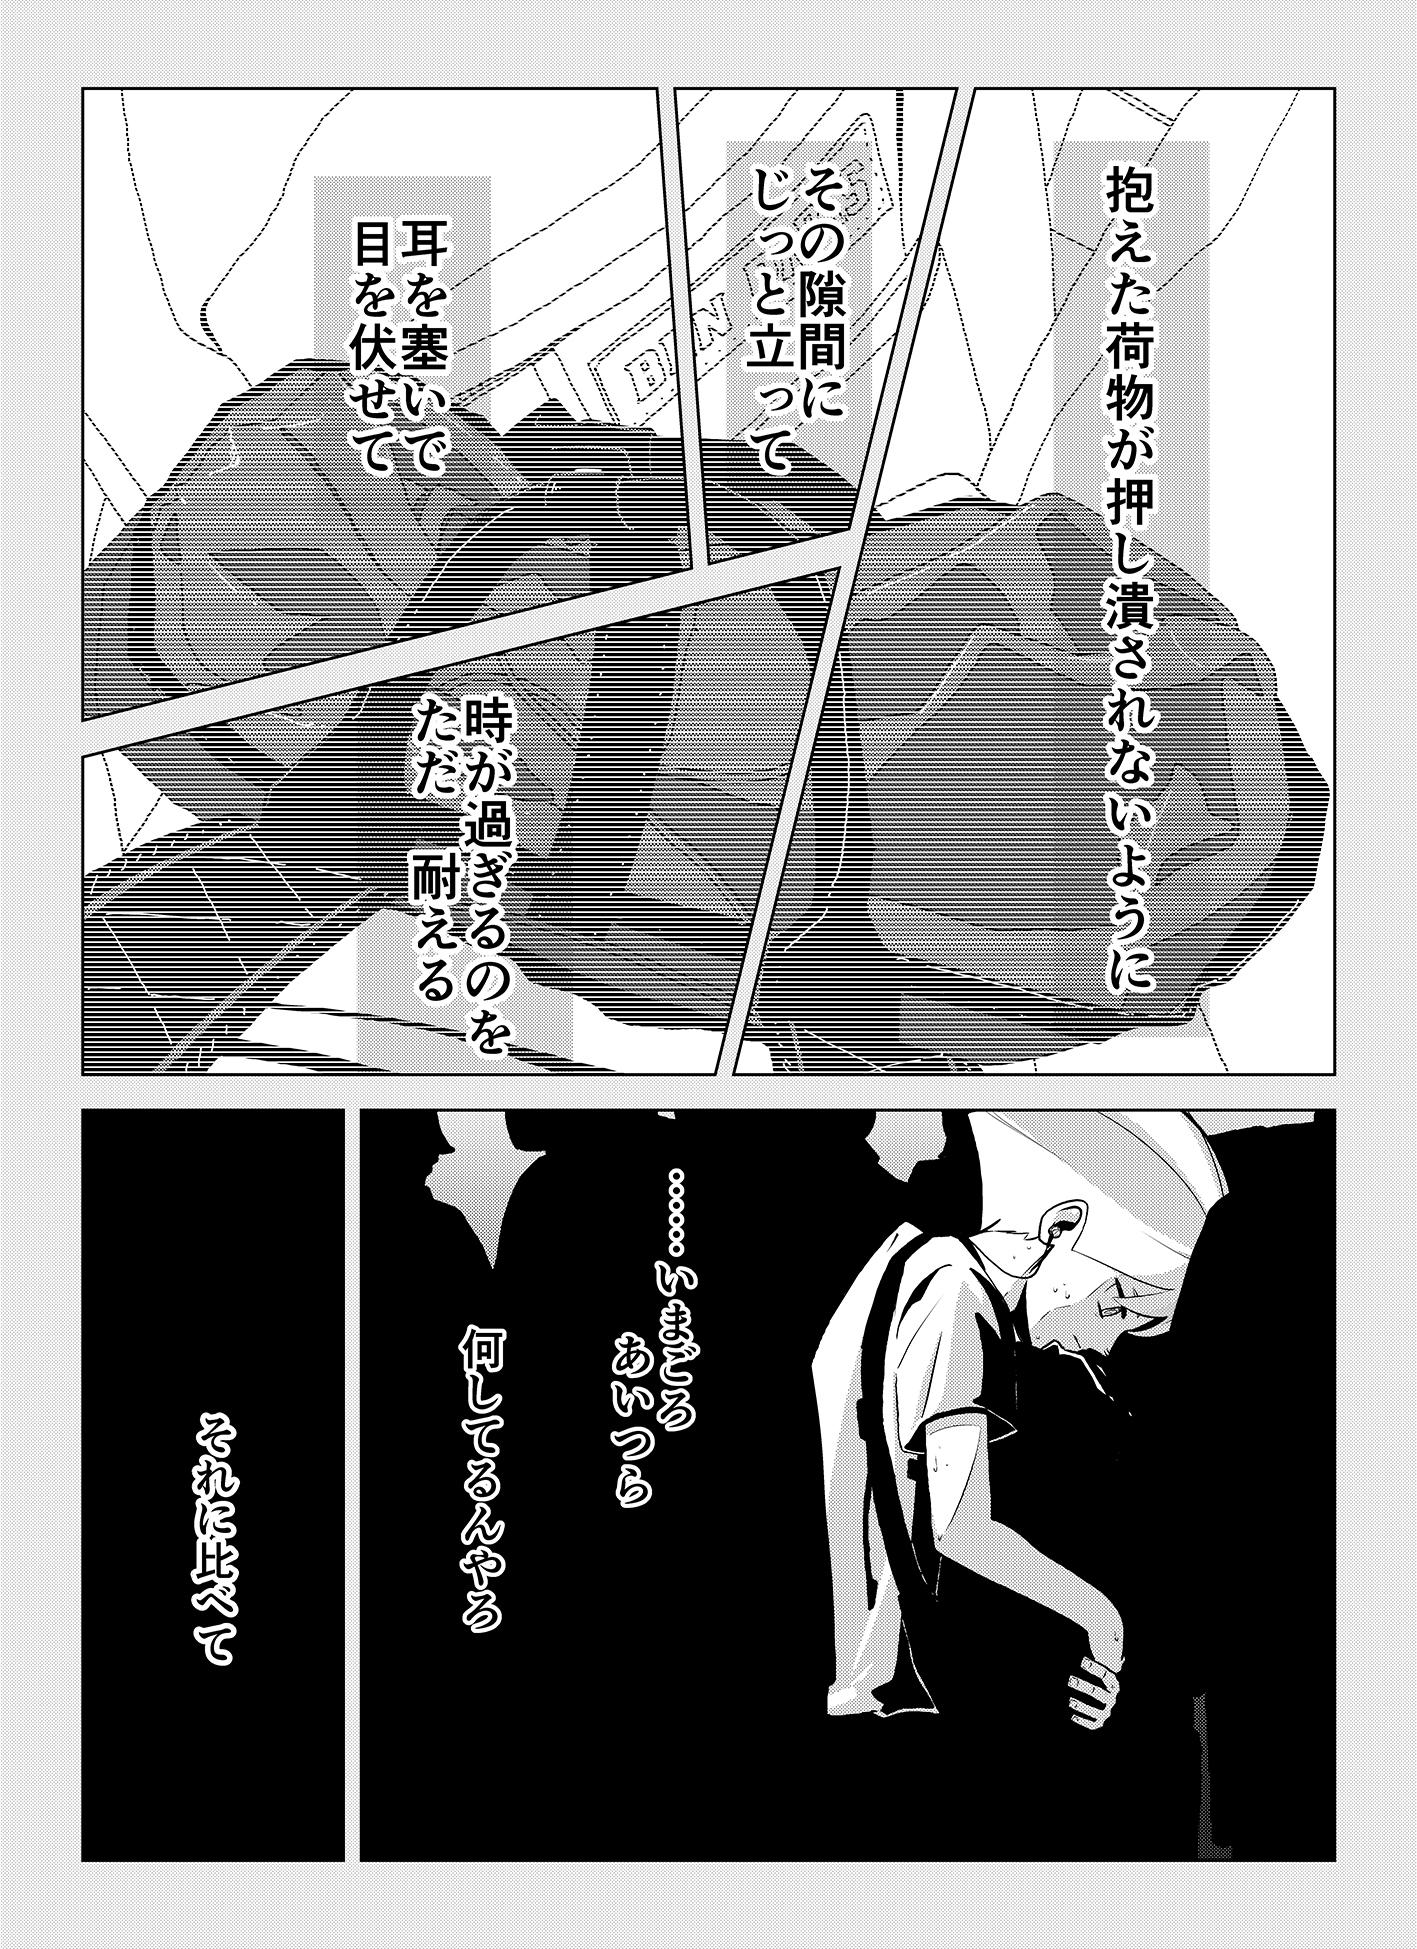 share_11_009